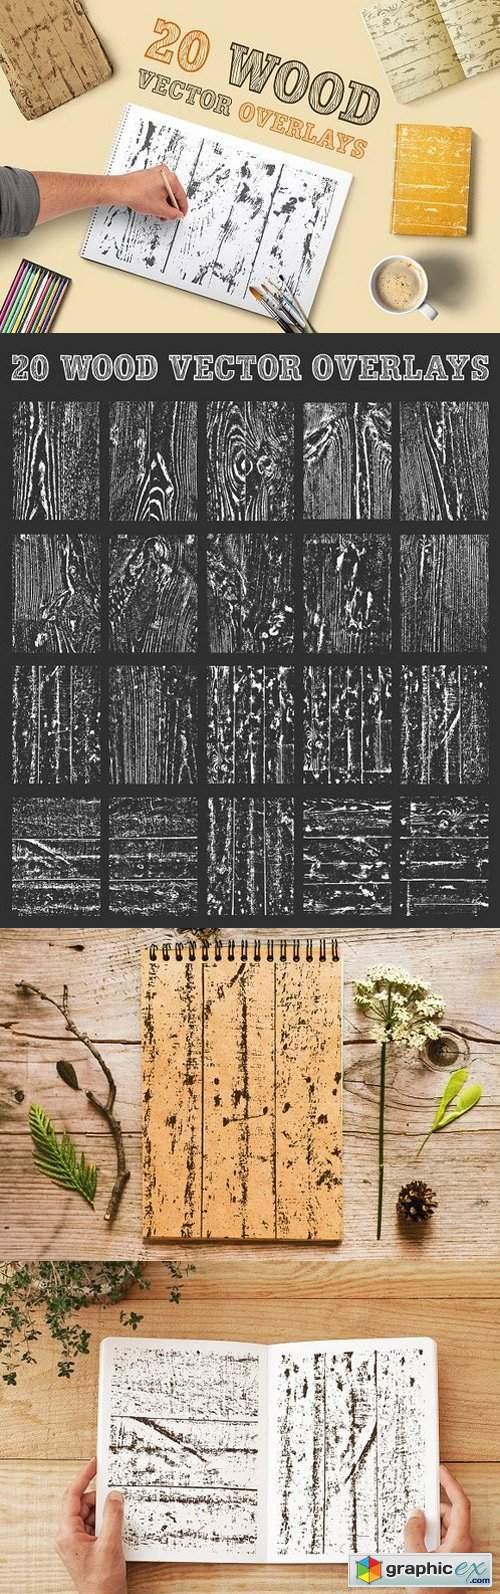 Wood Texture Vector Overlays